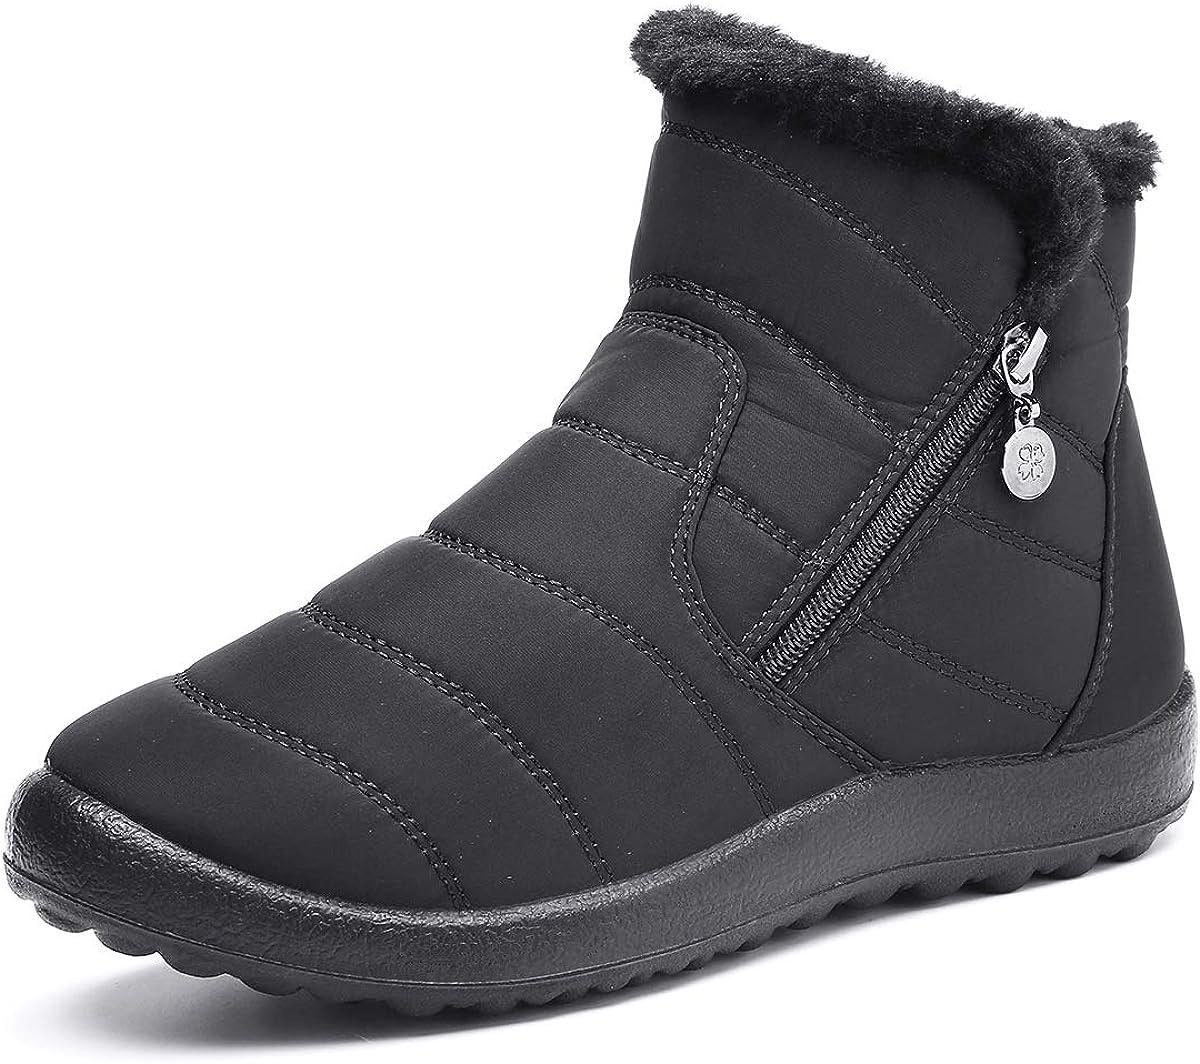 Bottines Hiver Plates en Tissu Imperm/éable Pluie Fourrure Chaussures Hiver Chaussons Boots Fourr/ée Chaude Confort Camfosy Bottes de Neige Femmes Filles